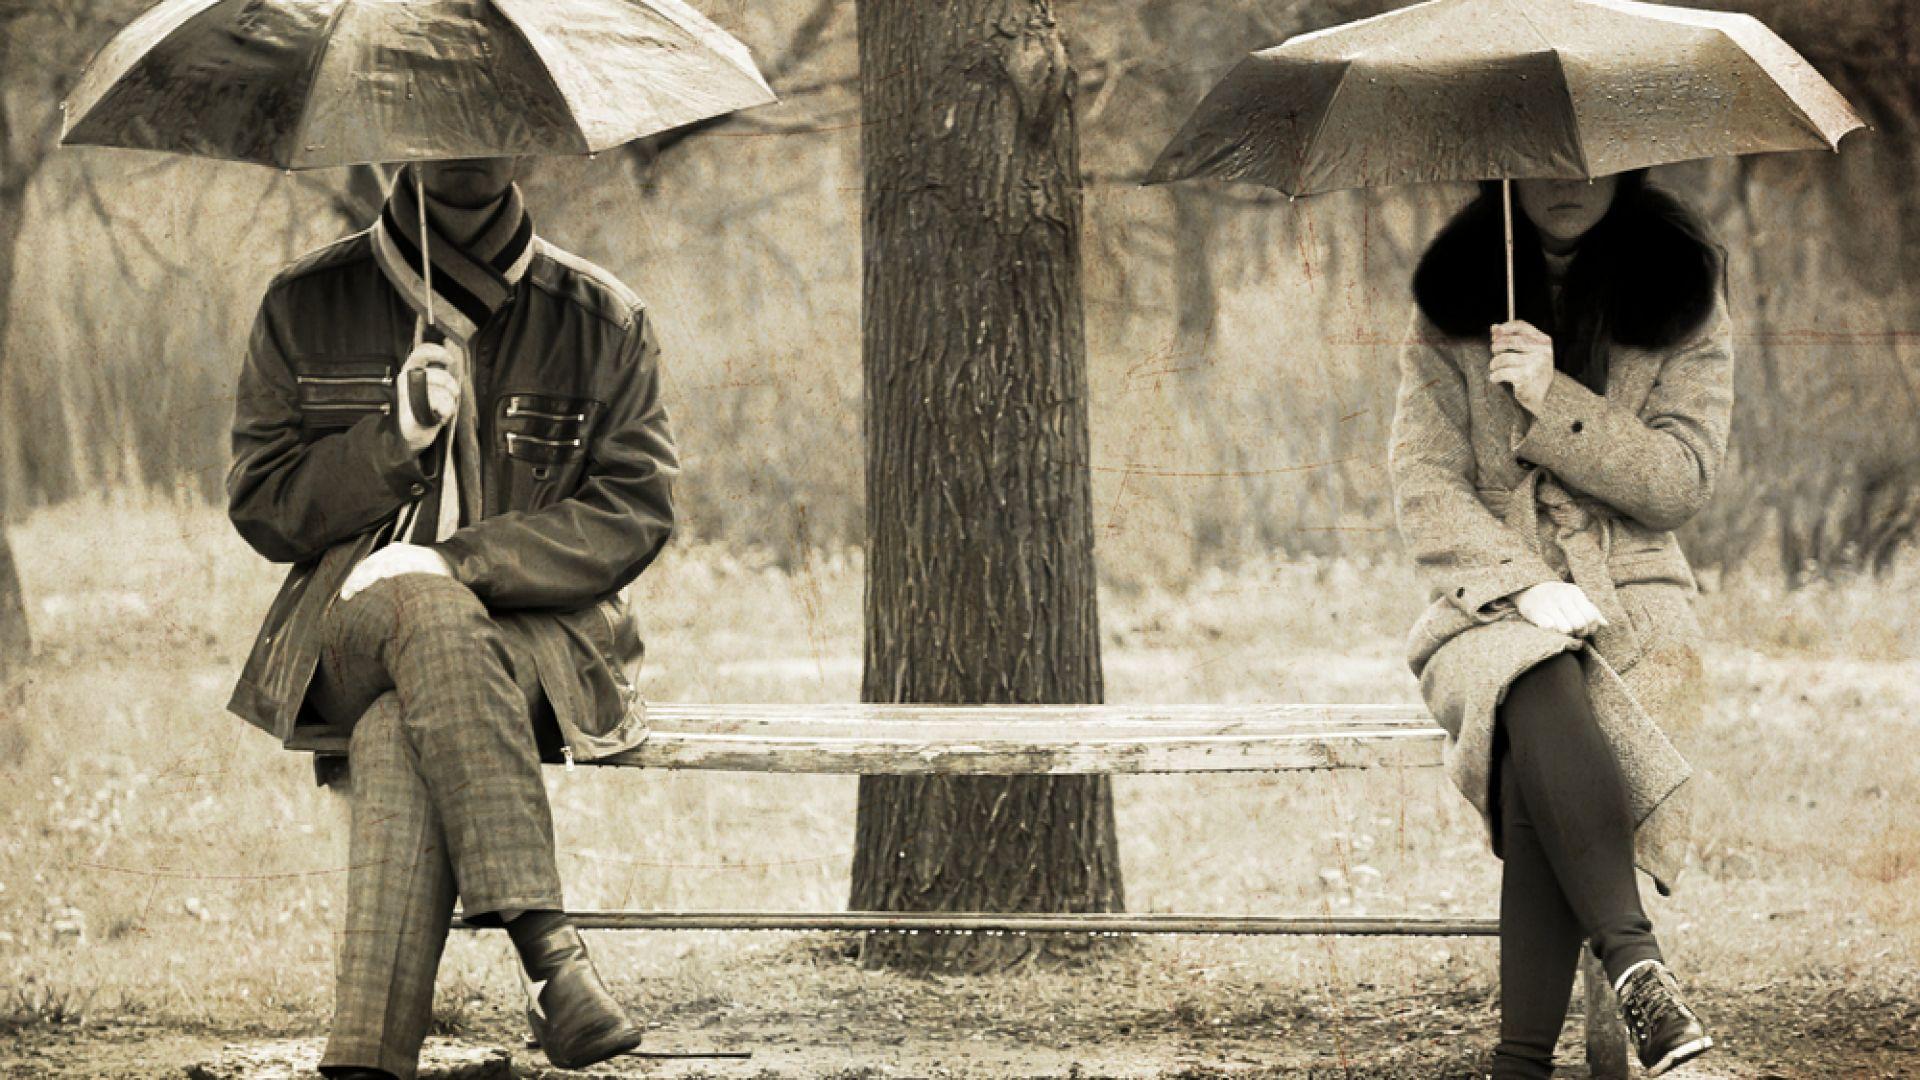 Ще се затопли слабо, но не се вижда край на дъждовете